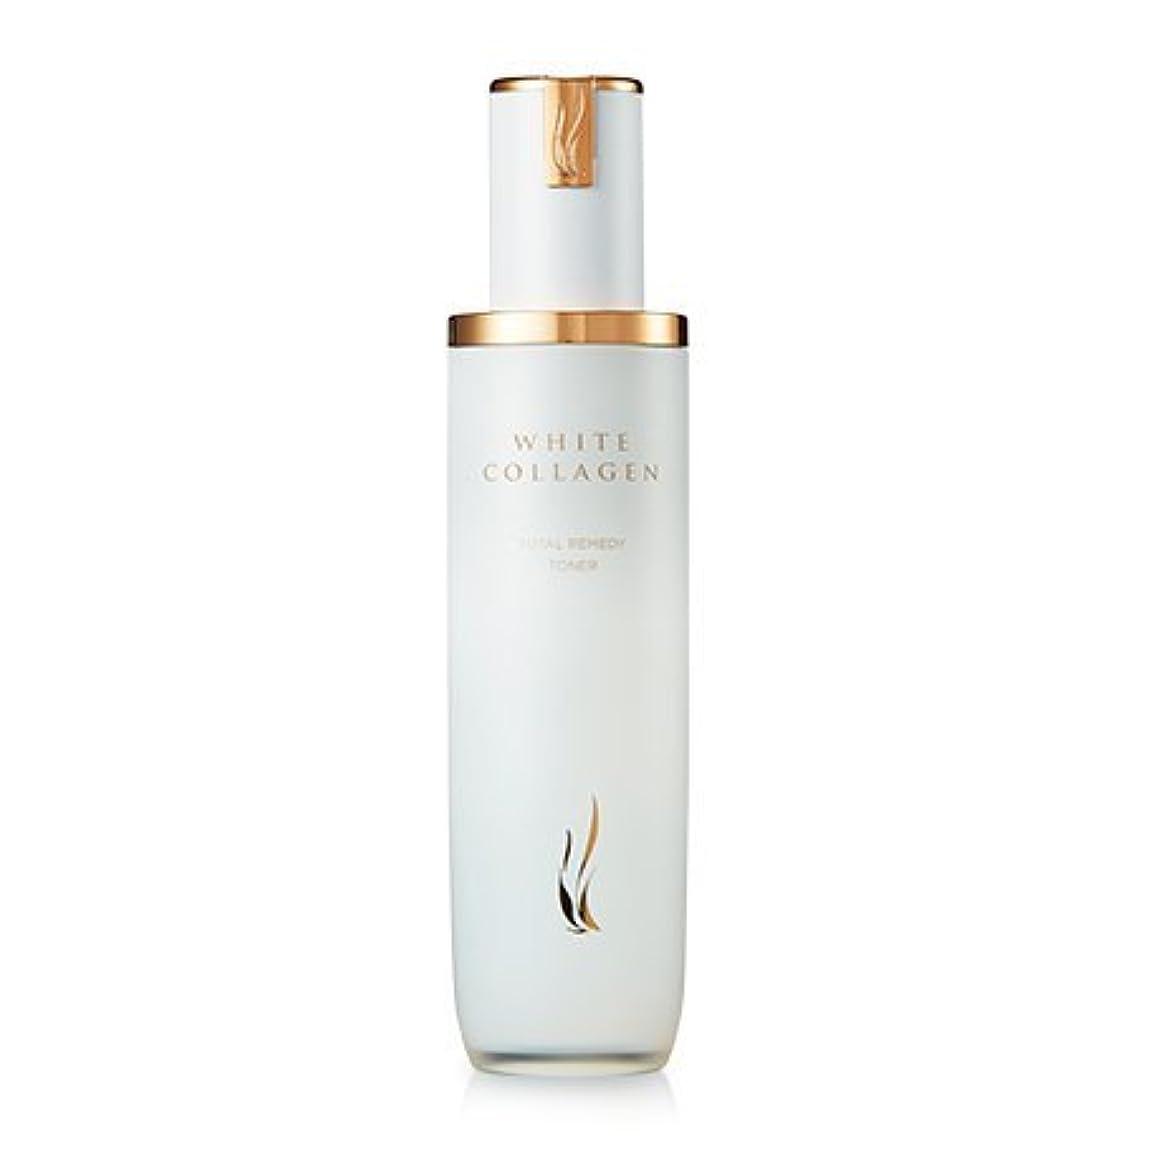 レオナルドダメッセンジャーアルプス[New] A.H.C (AHC) White Collagen Total Remedy Toner 130ml/A.H.C ホワイト コラーゲン トータル レミディ トナー 130ml [並行輸入品]